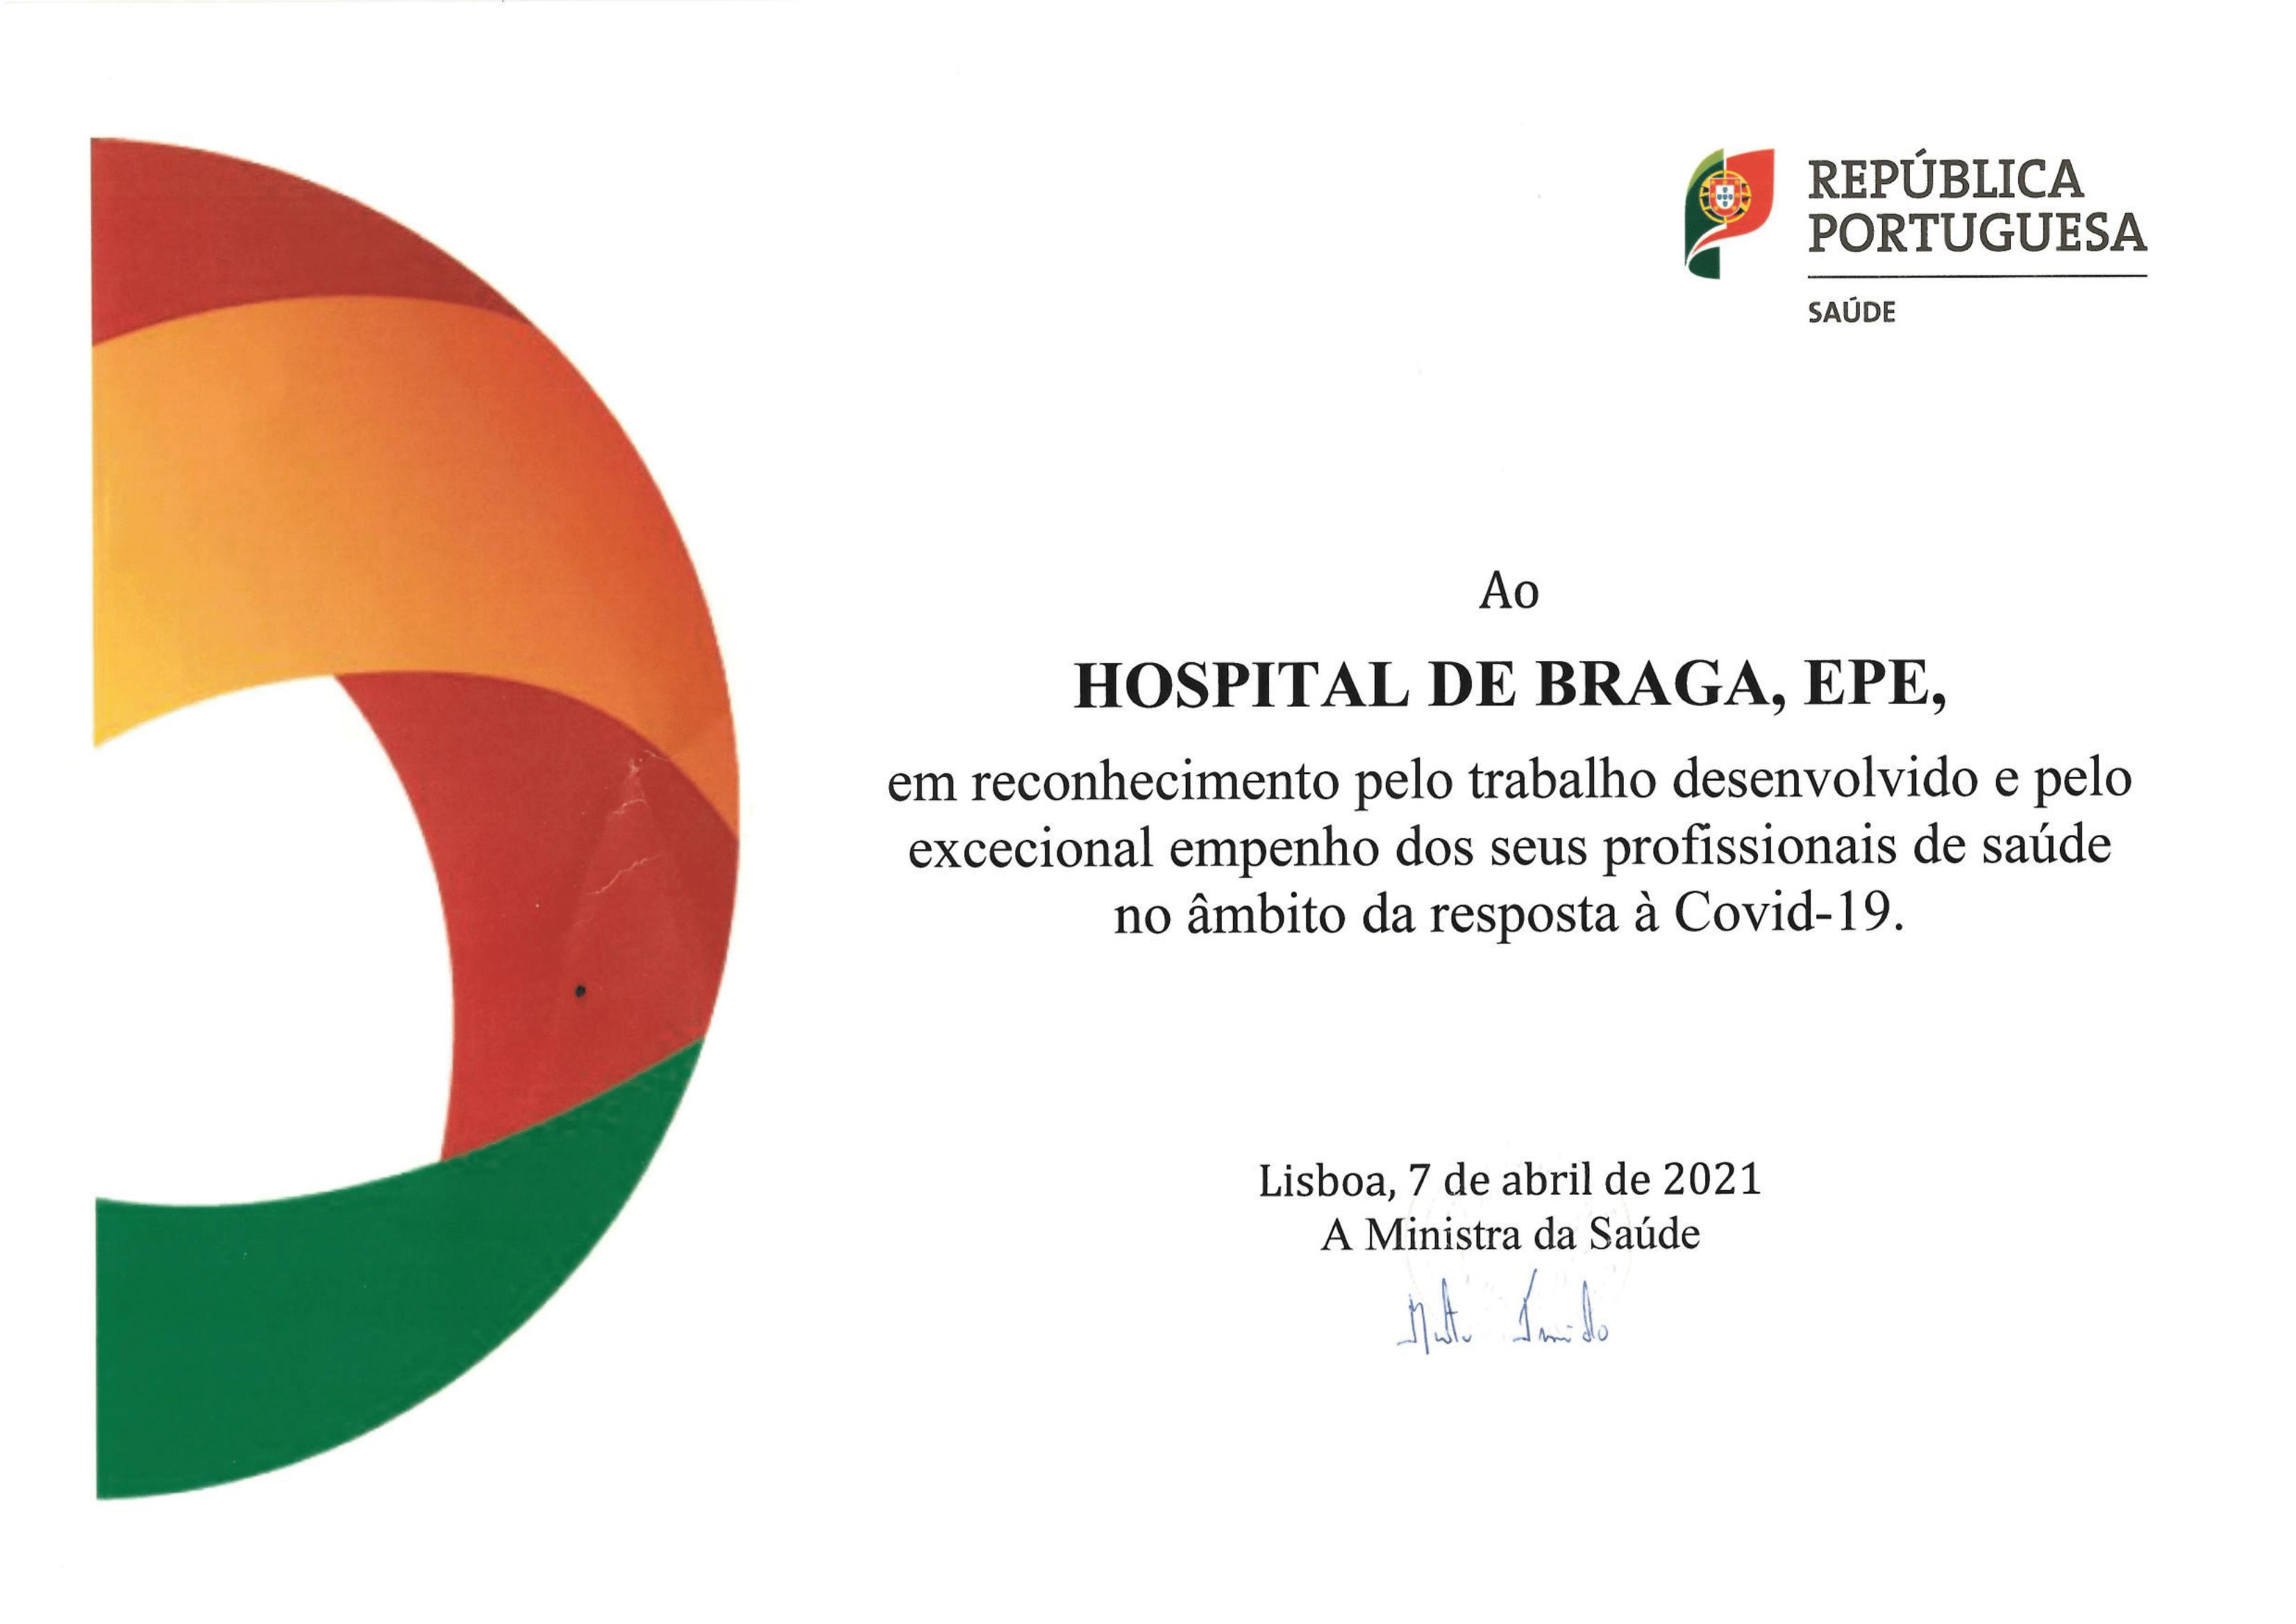 hospital-de-braga-Reconhecimento da Ministra da Saúde